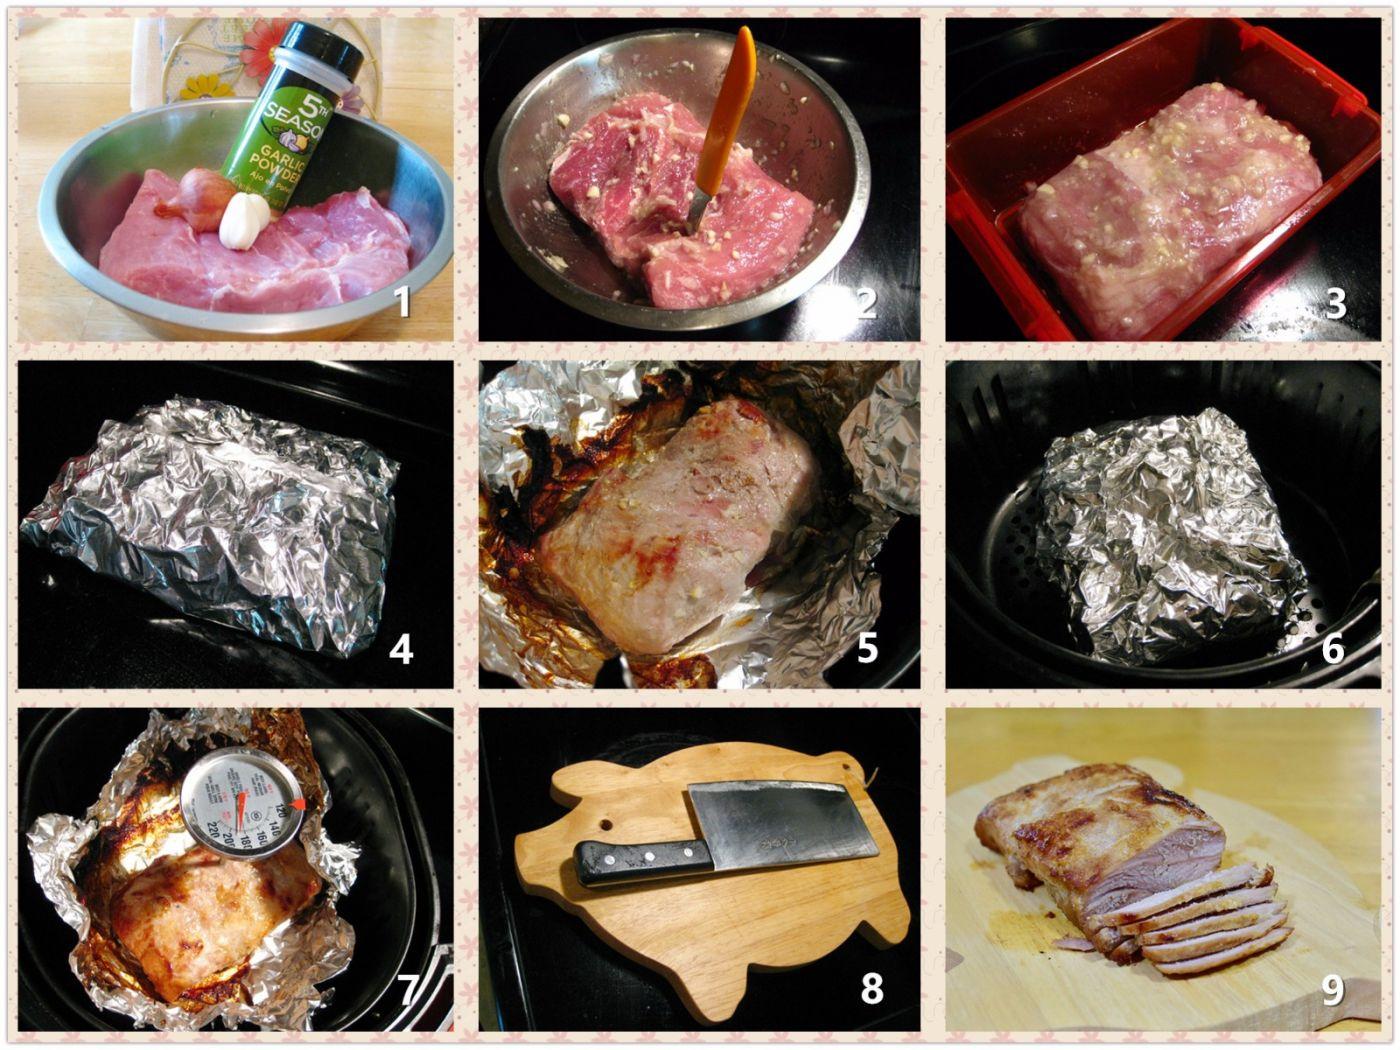 蒜香烤猪腰肉_图1-2